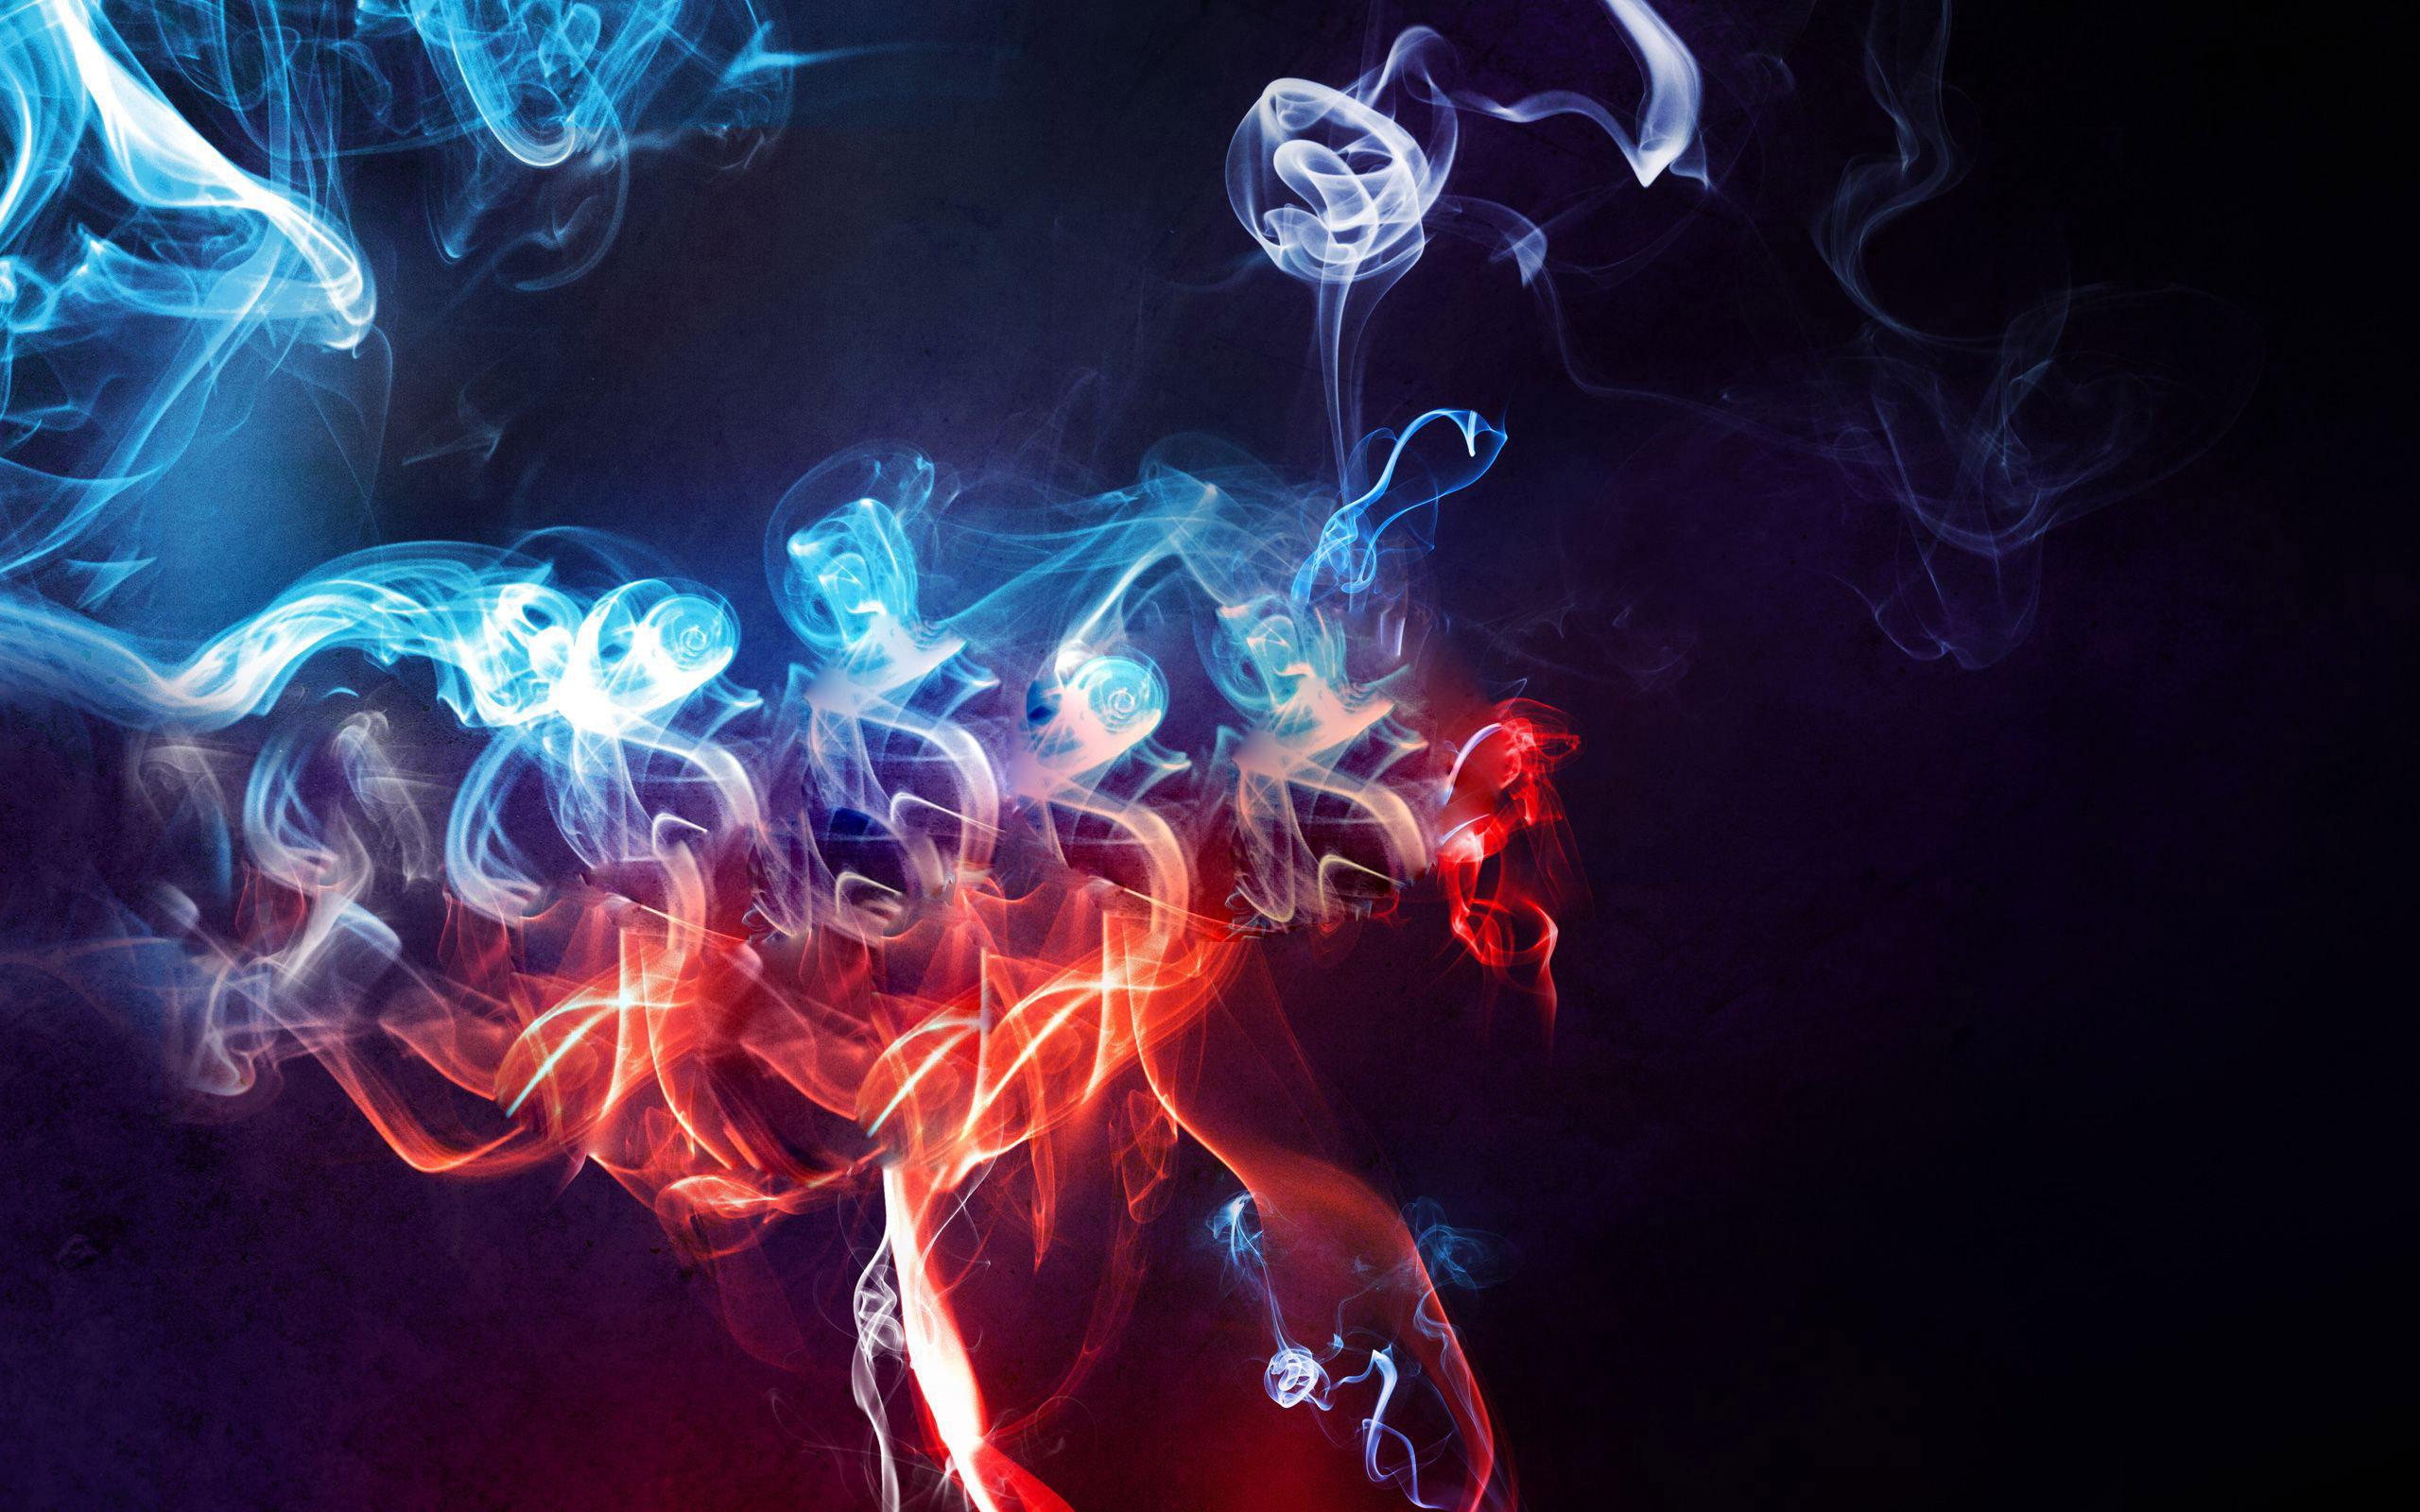 Colorful smoke wallpaper 18545 2560x1600